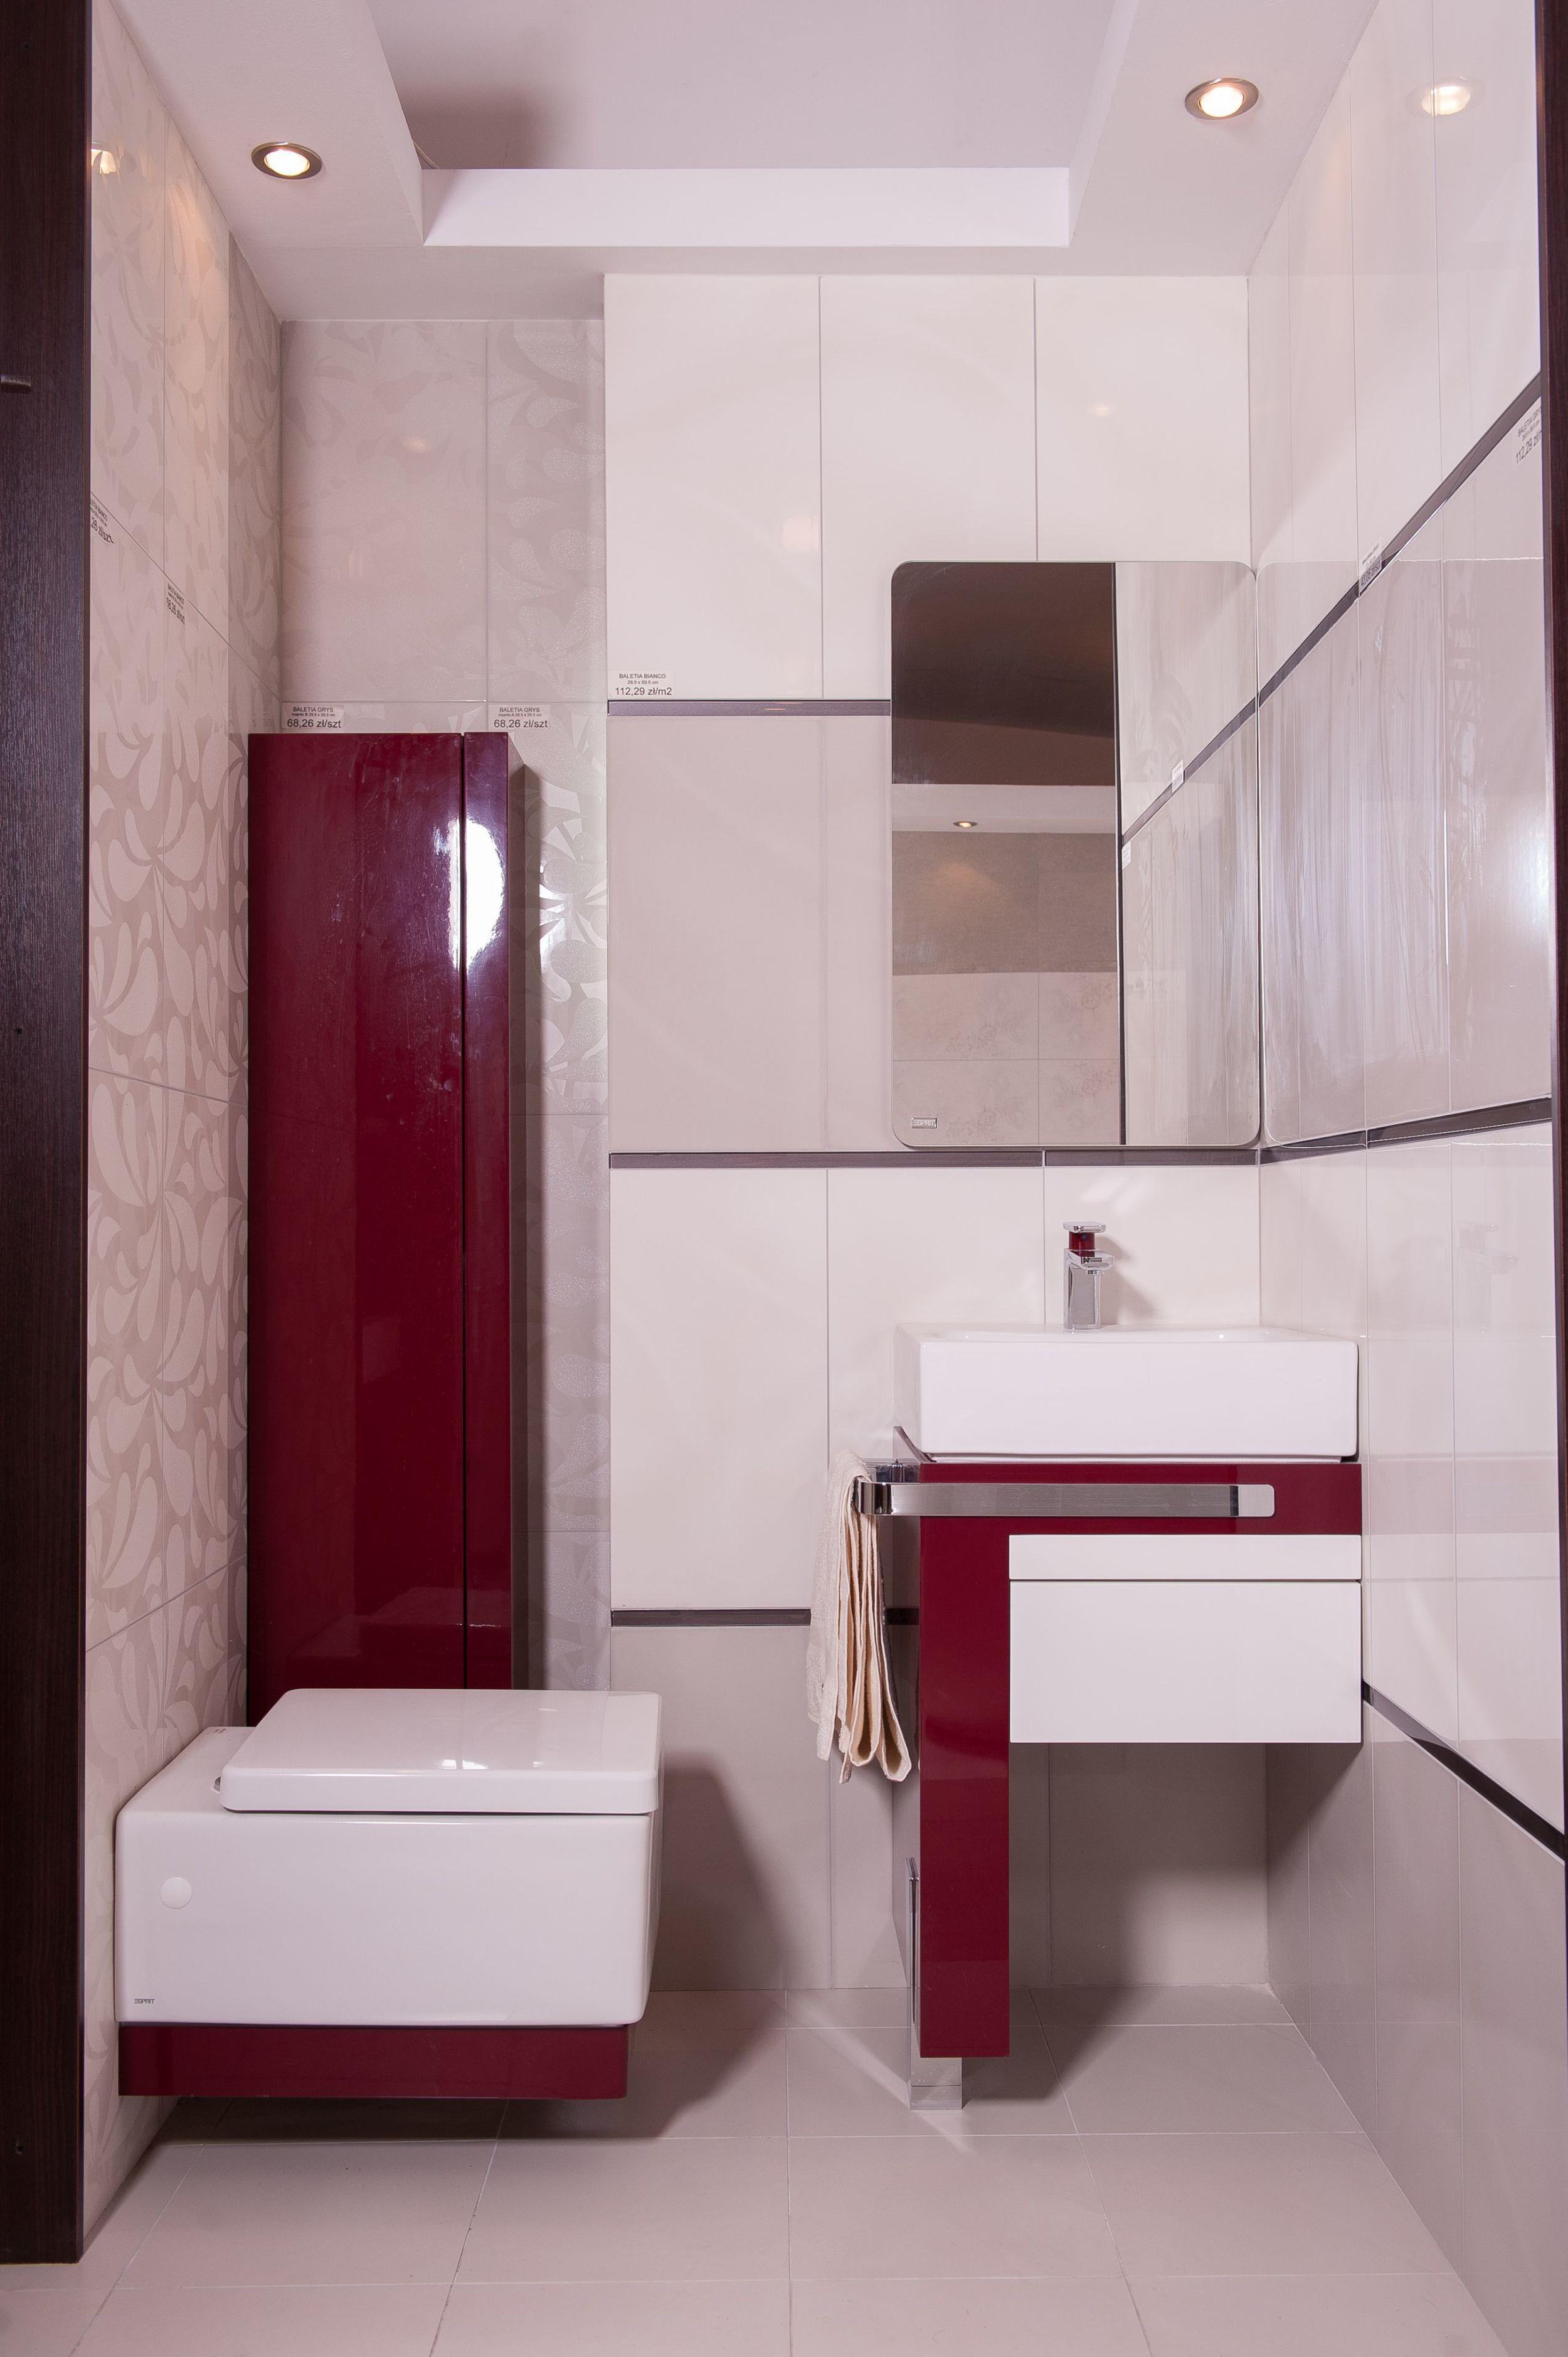 Meble łazienkowe kolekcji Esprit | Kamgres